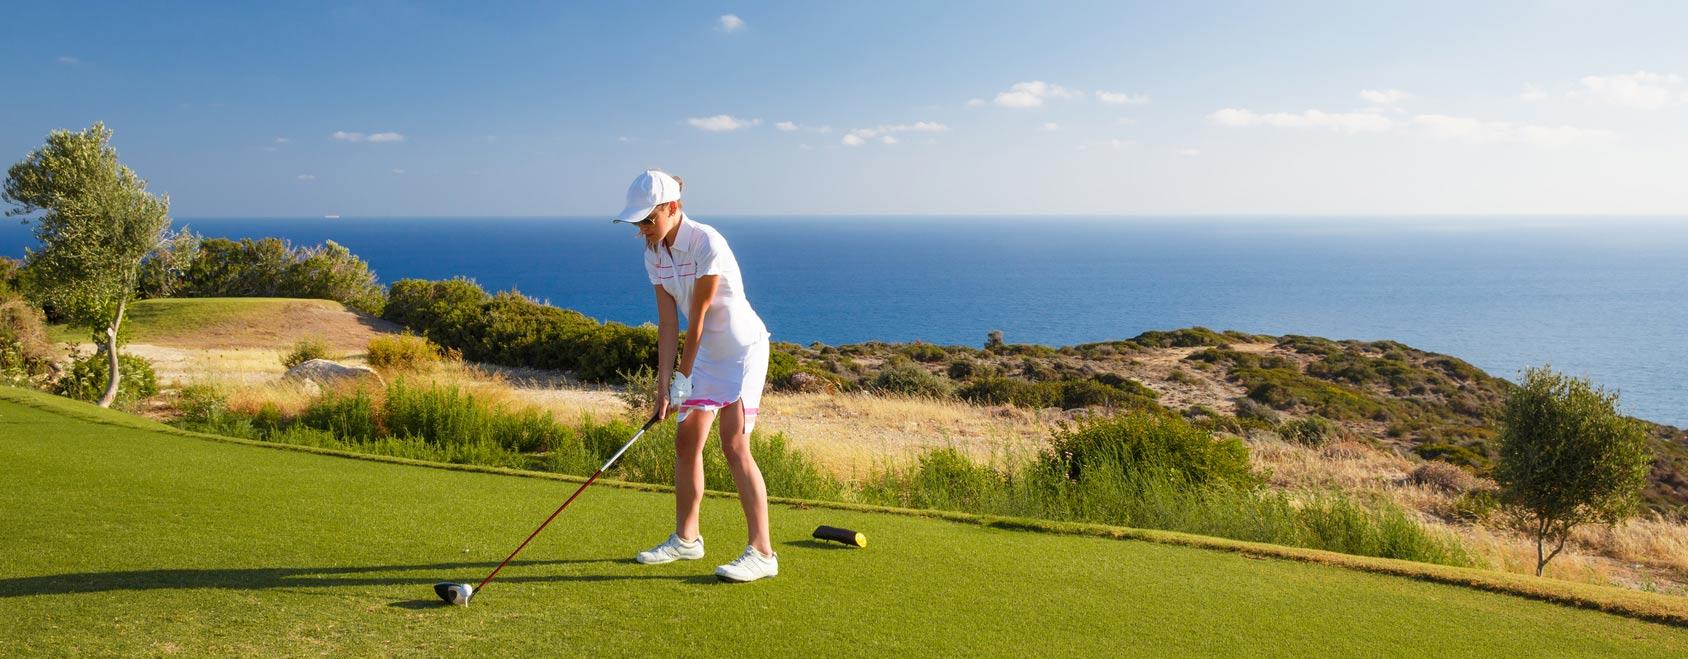 Golfreisen_Aktivurlaub_Mittelmeer